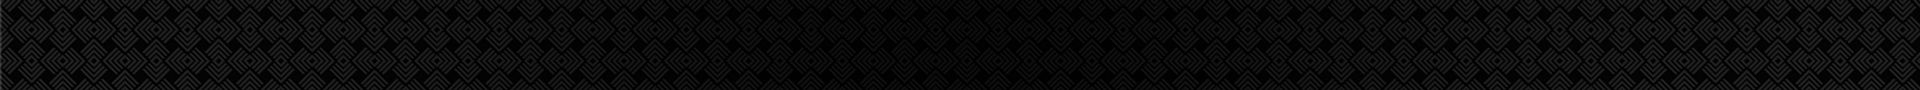 gargantua gray_texture.png